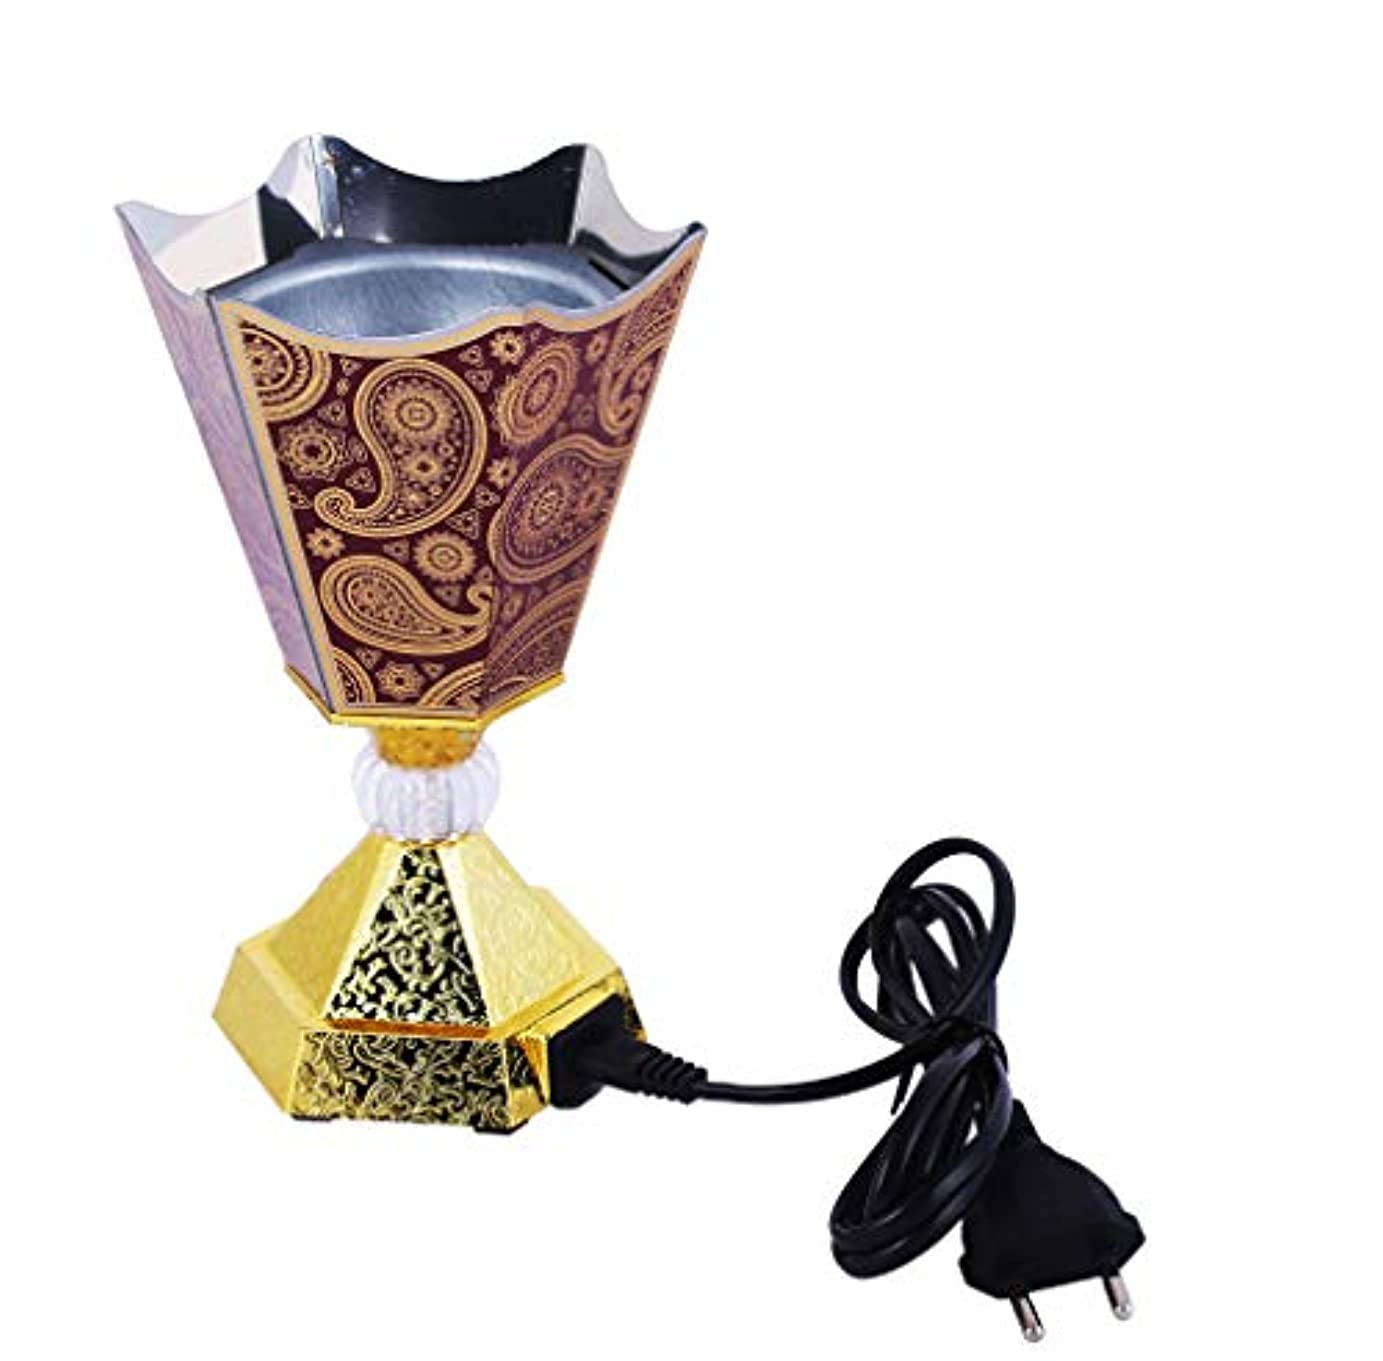 置き場アプト分析するVintage Style Incense Bakhoor/Oud Burner Frankincense Incense Holder Electric, Best for Gifting